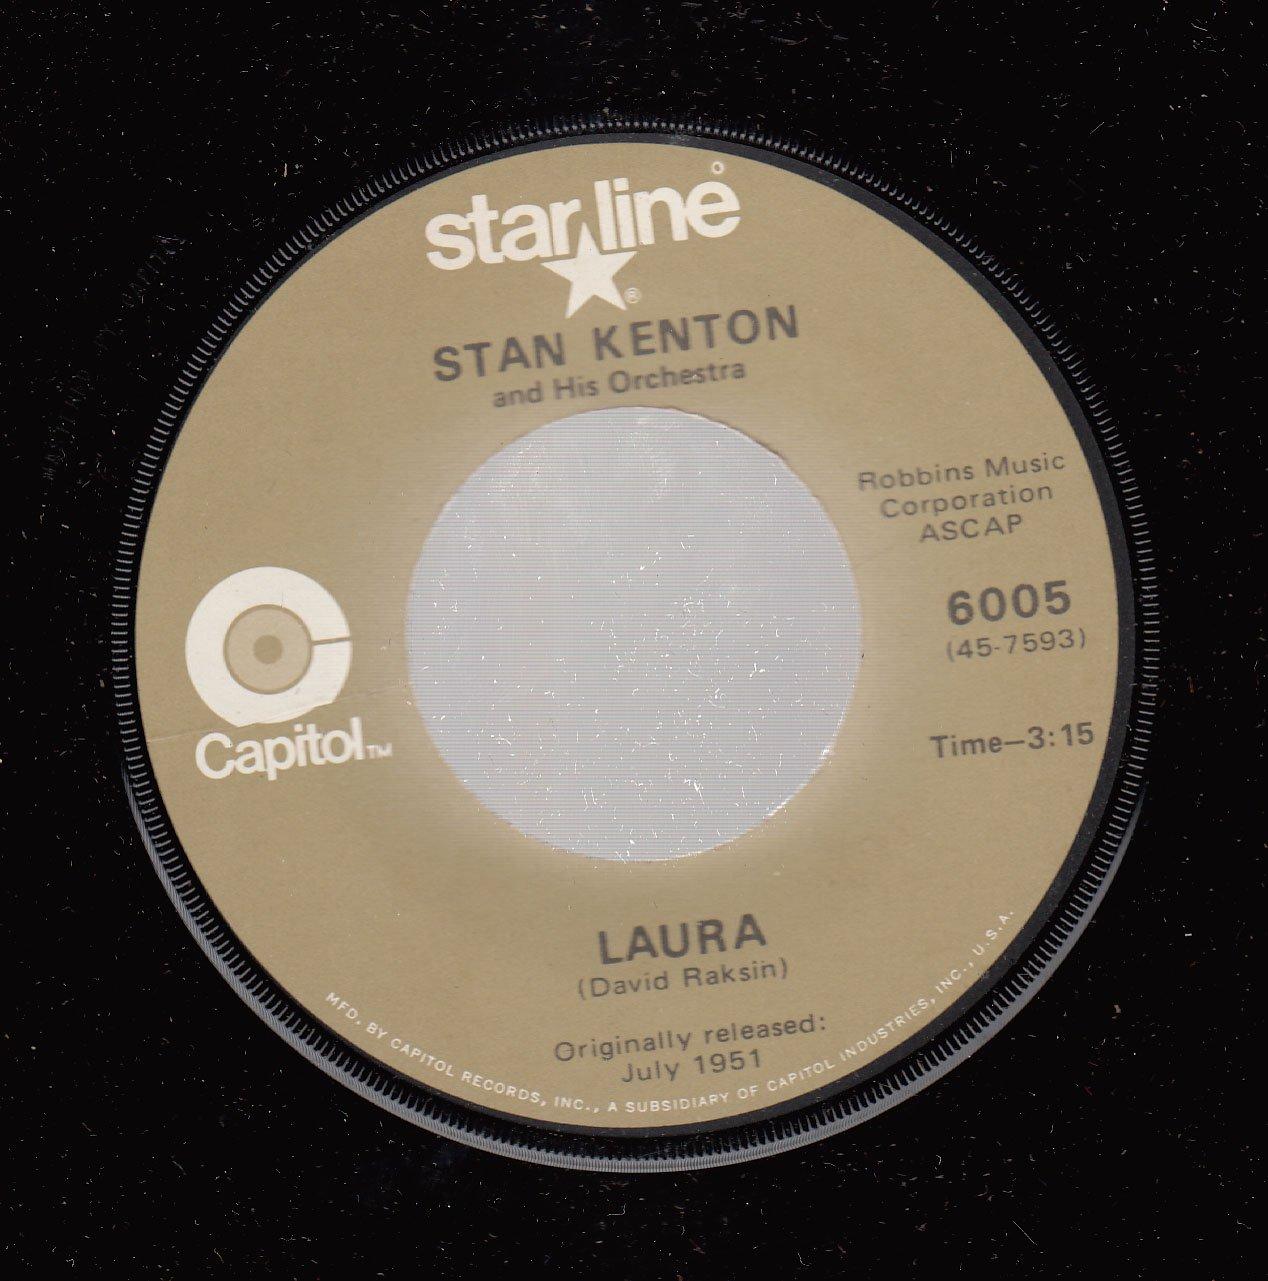 Stan Kenton: Plays For Today [Vinyl LP] [Mono]